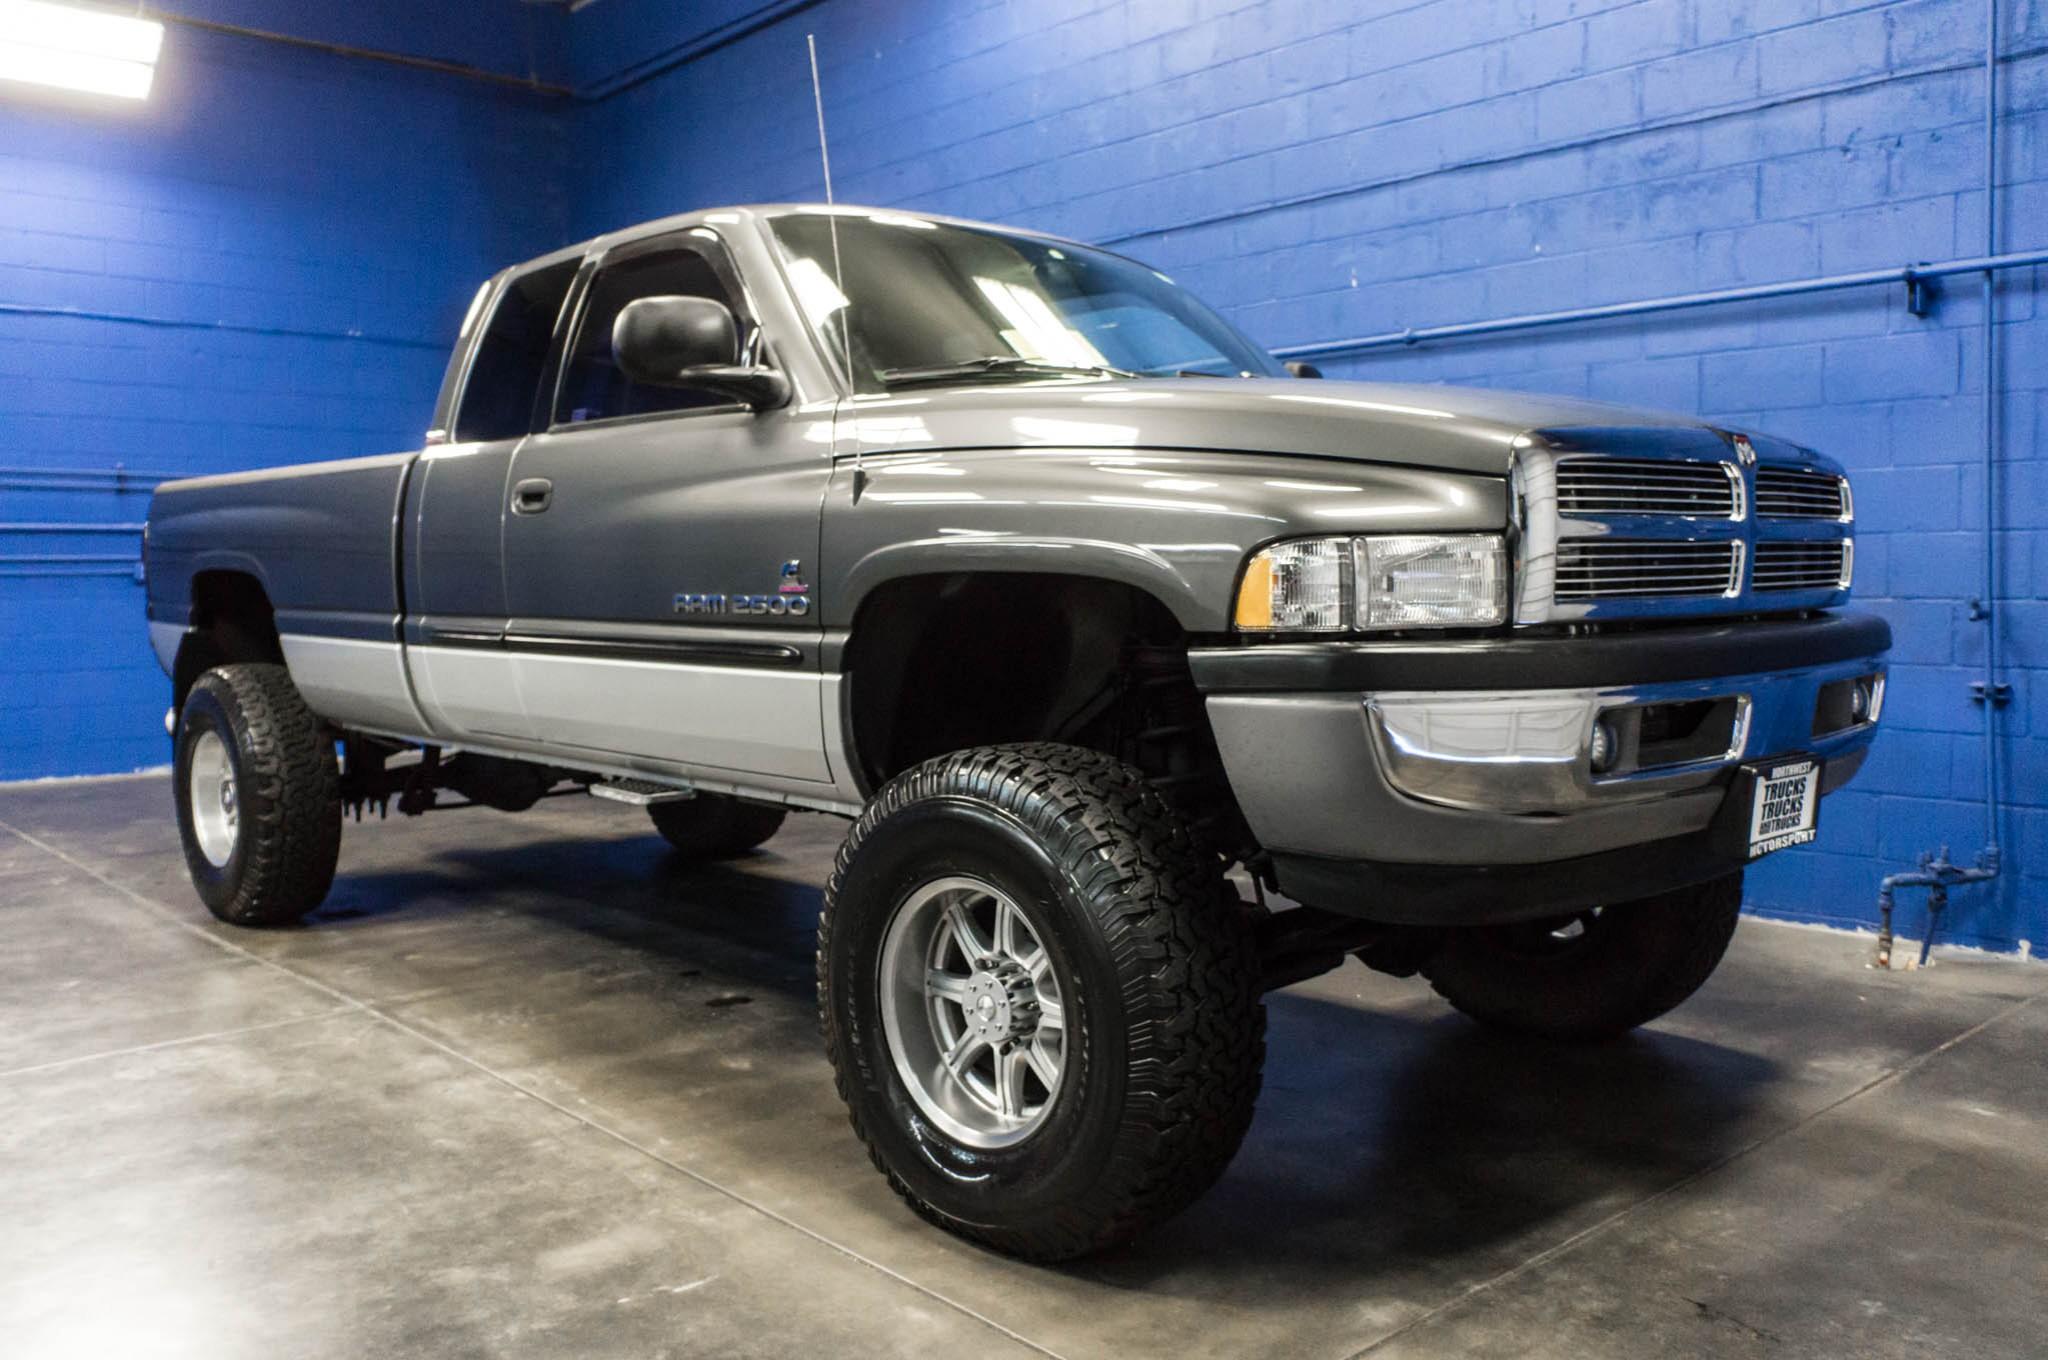 used 2002 dodge ram 2500 slt 4x4 diesel truck for sale 33786. Black Bedroom Furniture Sets. Home Design Ideas